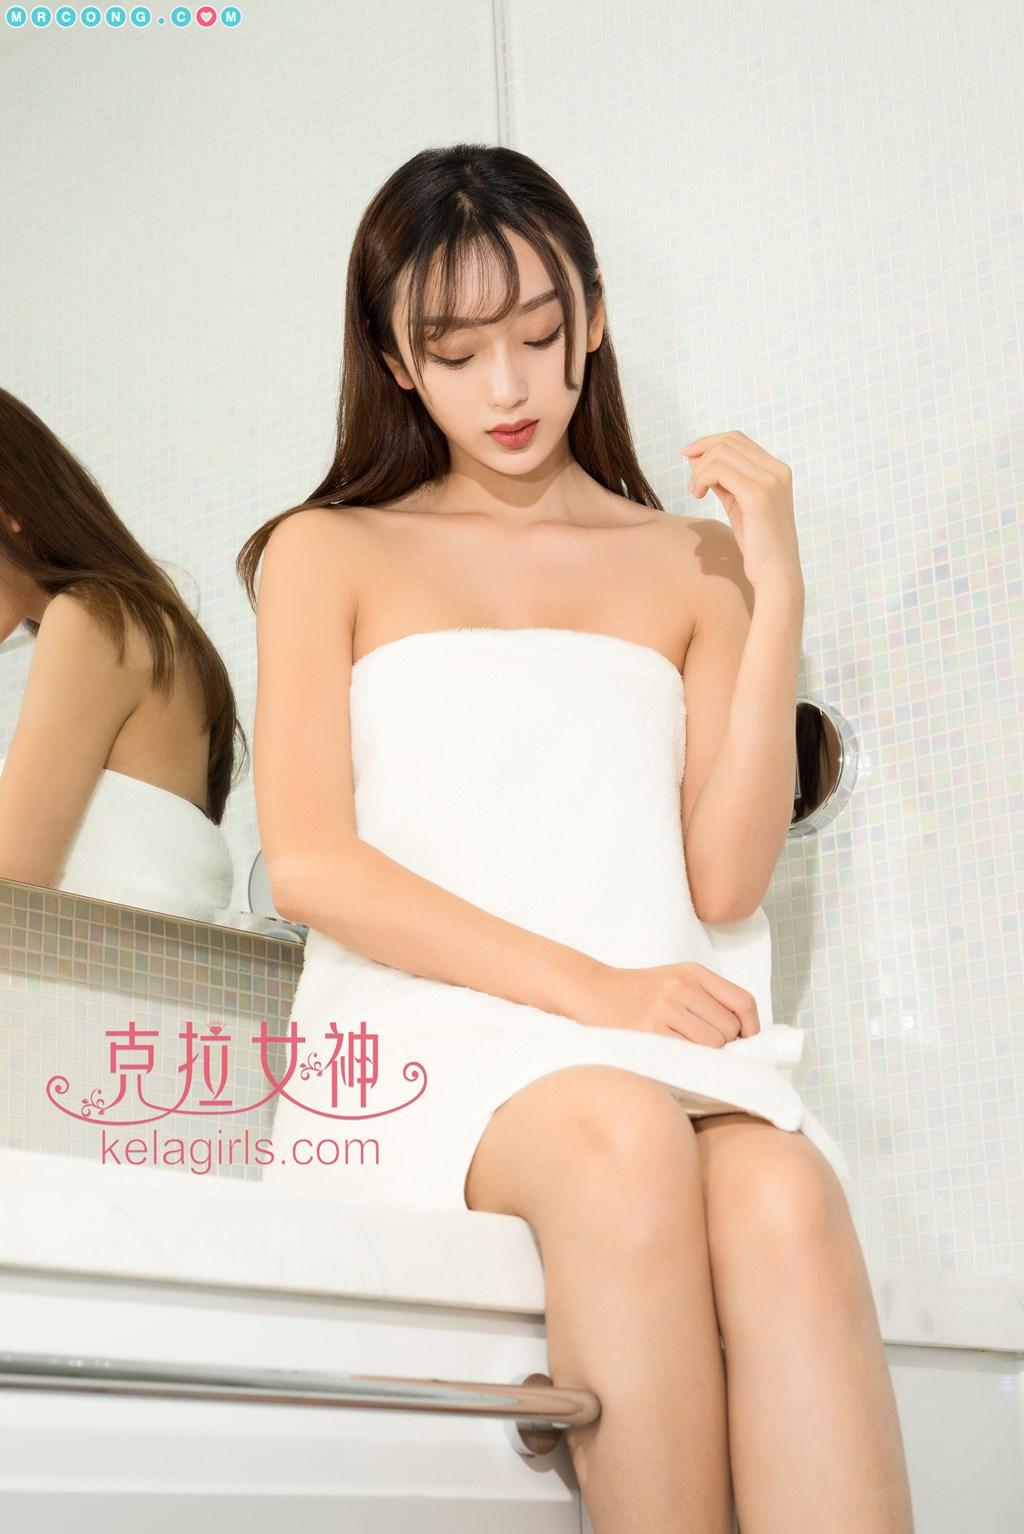 Image KelaGirls-2017-10-16-Shuang-Er-MrCong.com-015 in post KelaGirls 2017-10-16: Người mẫu Shuang Er (爽儿) (24 ảnh)